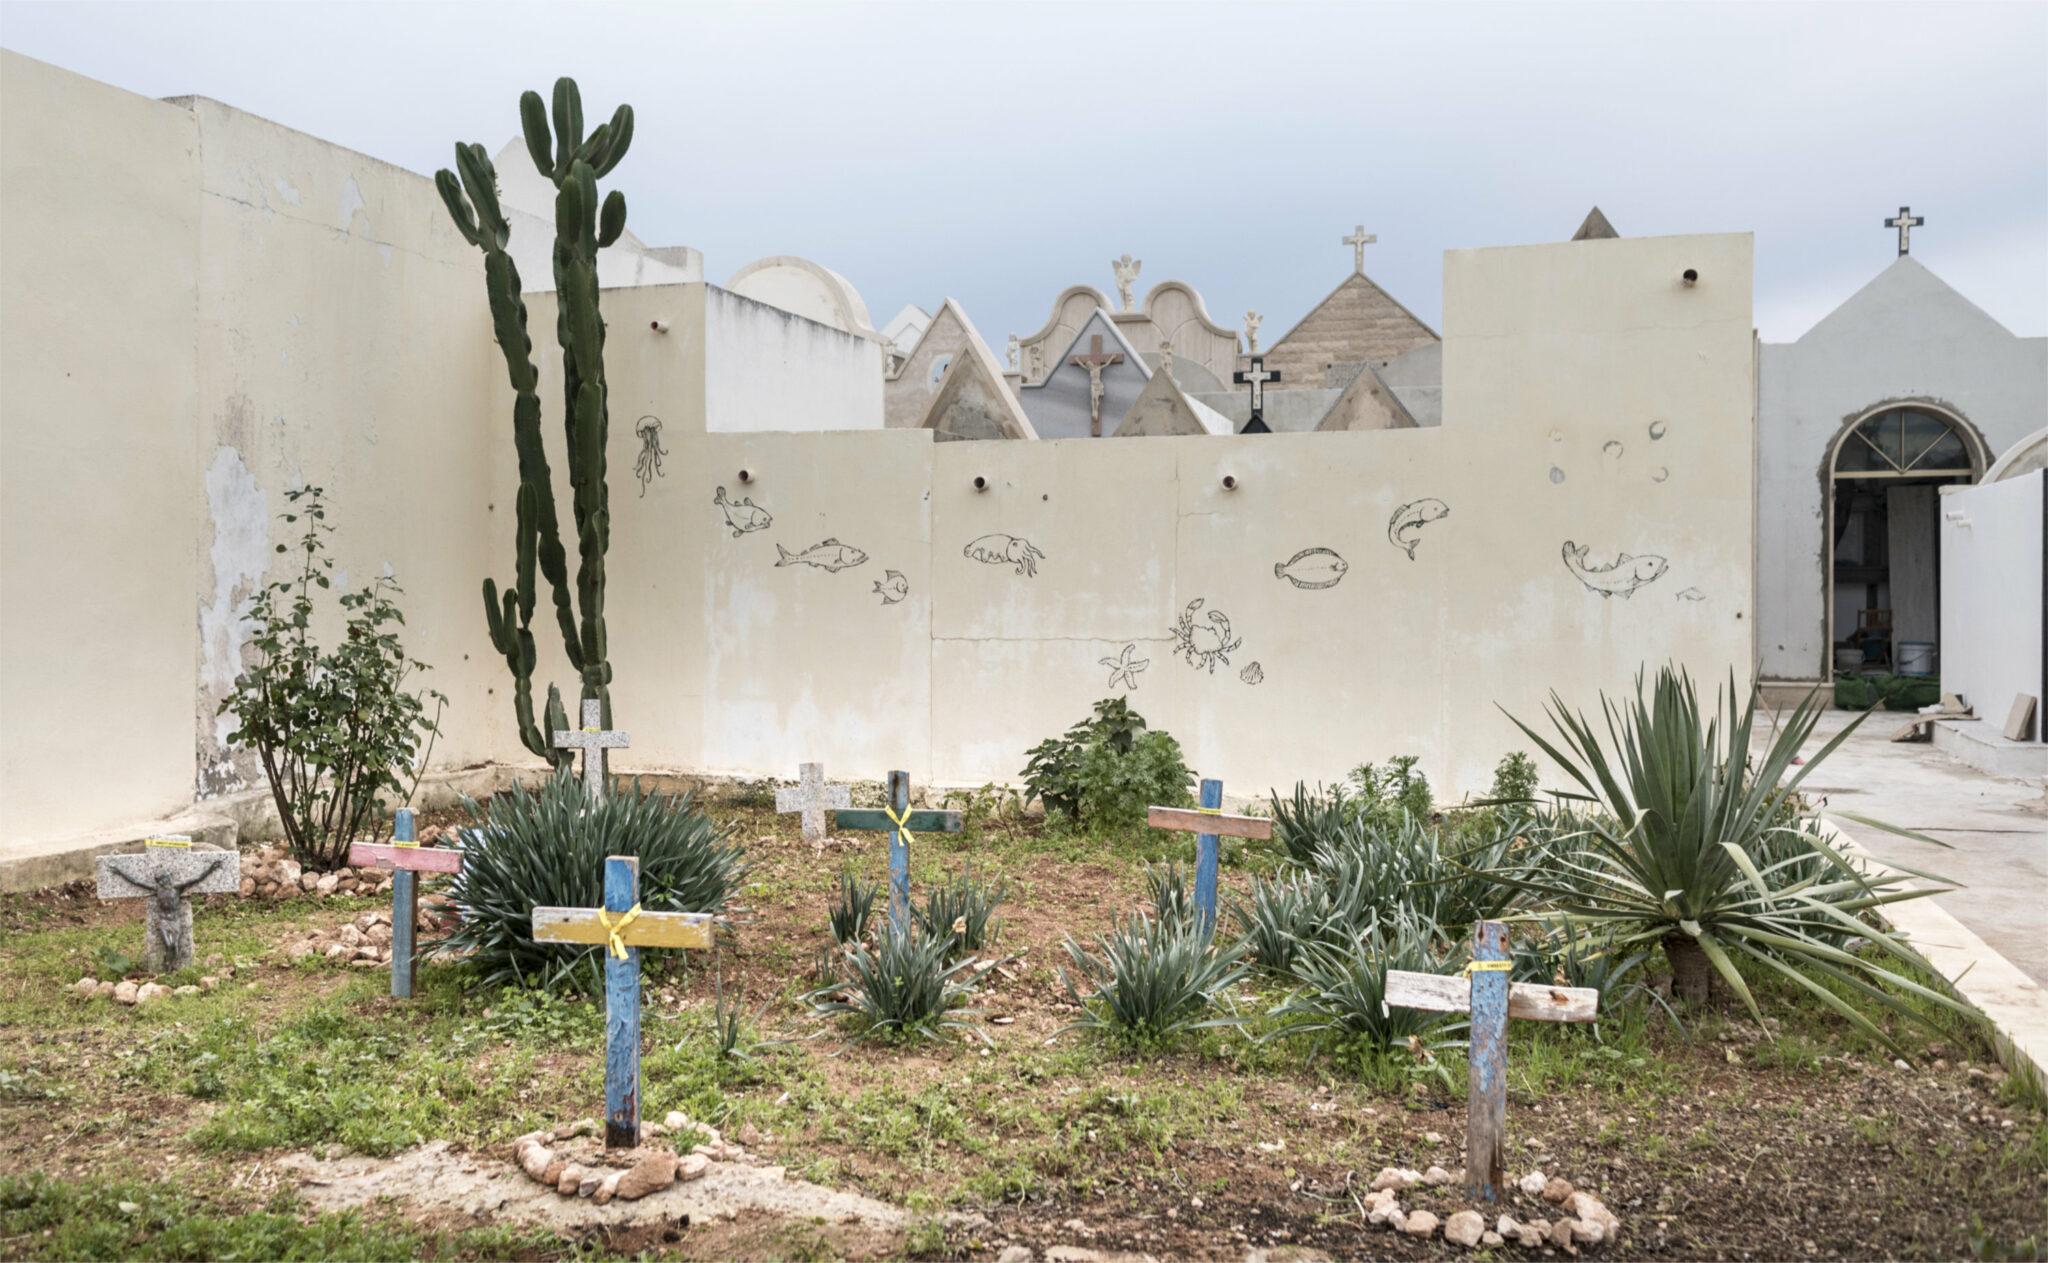 Friedhof auf der italienischen Insel Lampedusa